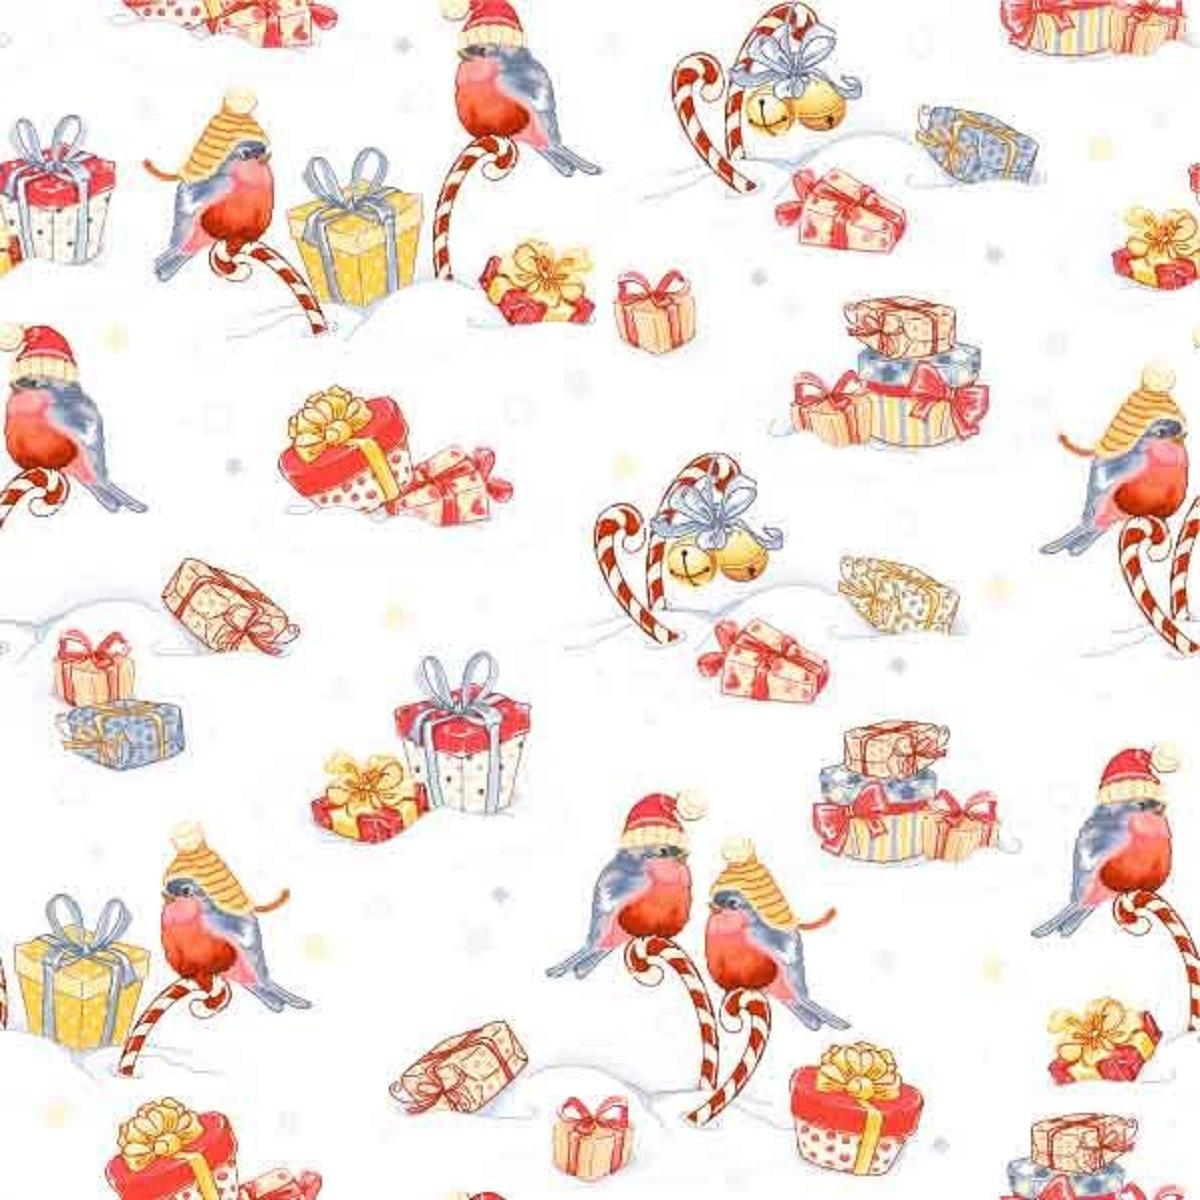 Салфетки бумажные Gratias Снегири и подарки, трехслойные, 33 х 33 см, 20 шт92292Для бытового и санитарно-гигиенического назначения одноразового использования.